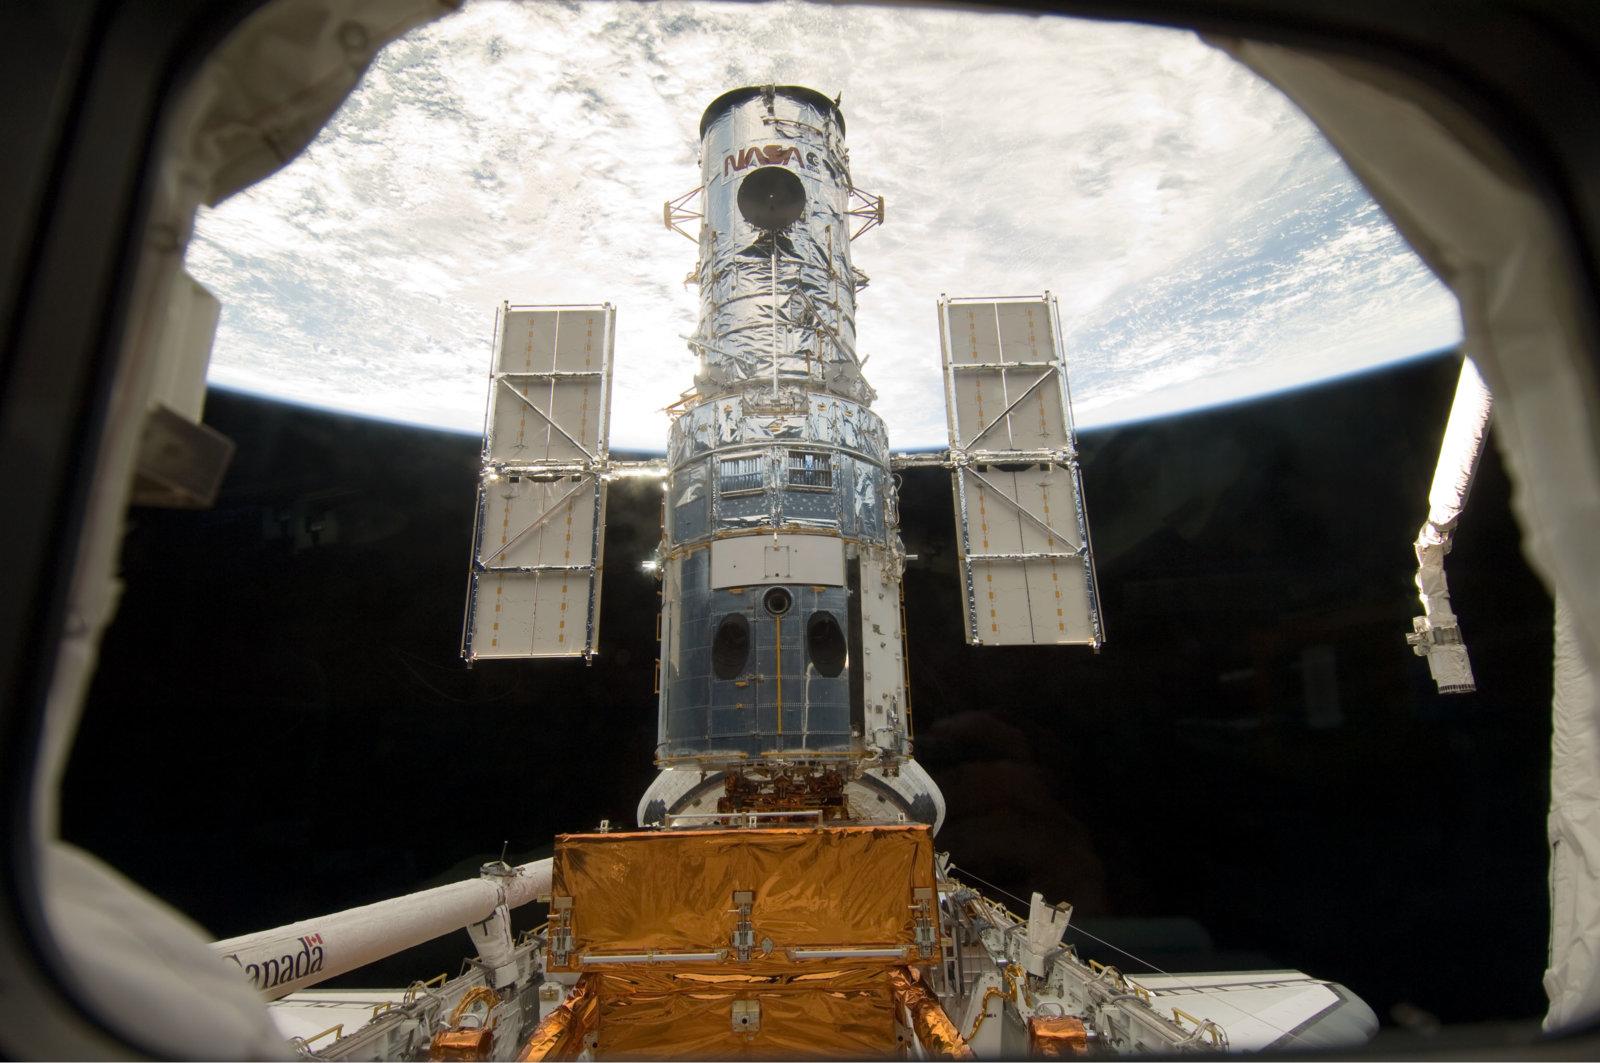 Hubble_docked_in_the_cargo_bay.jpg